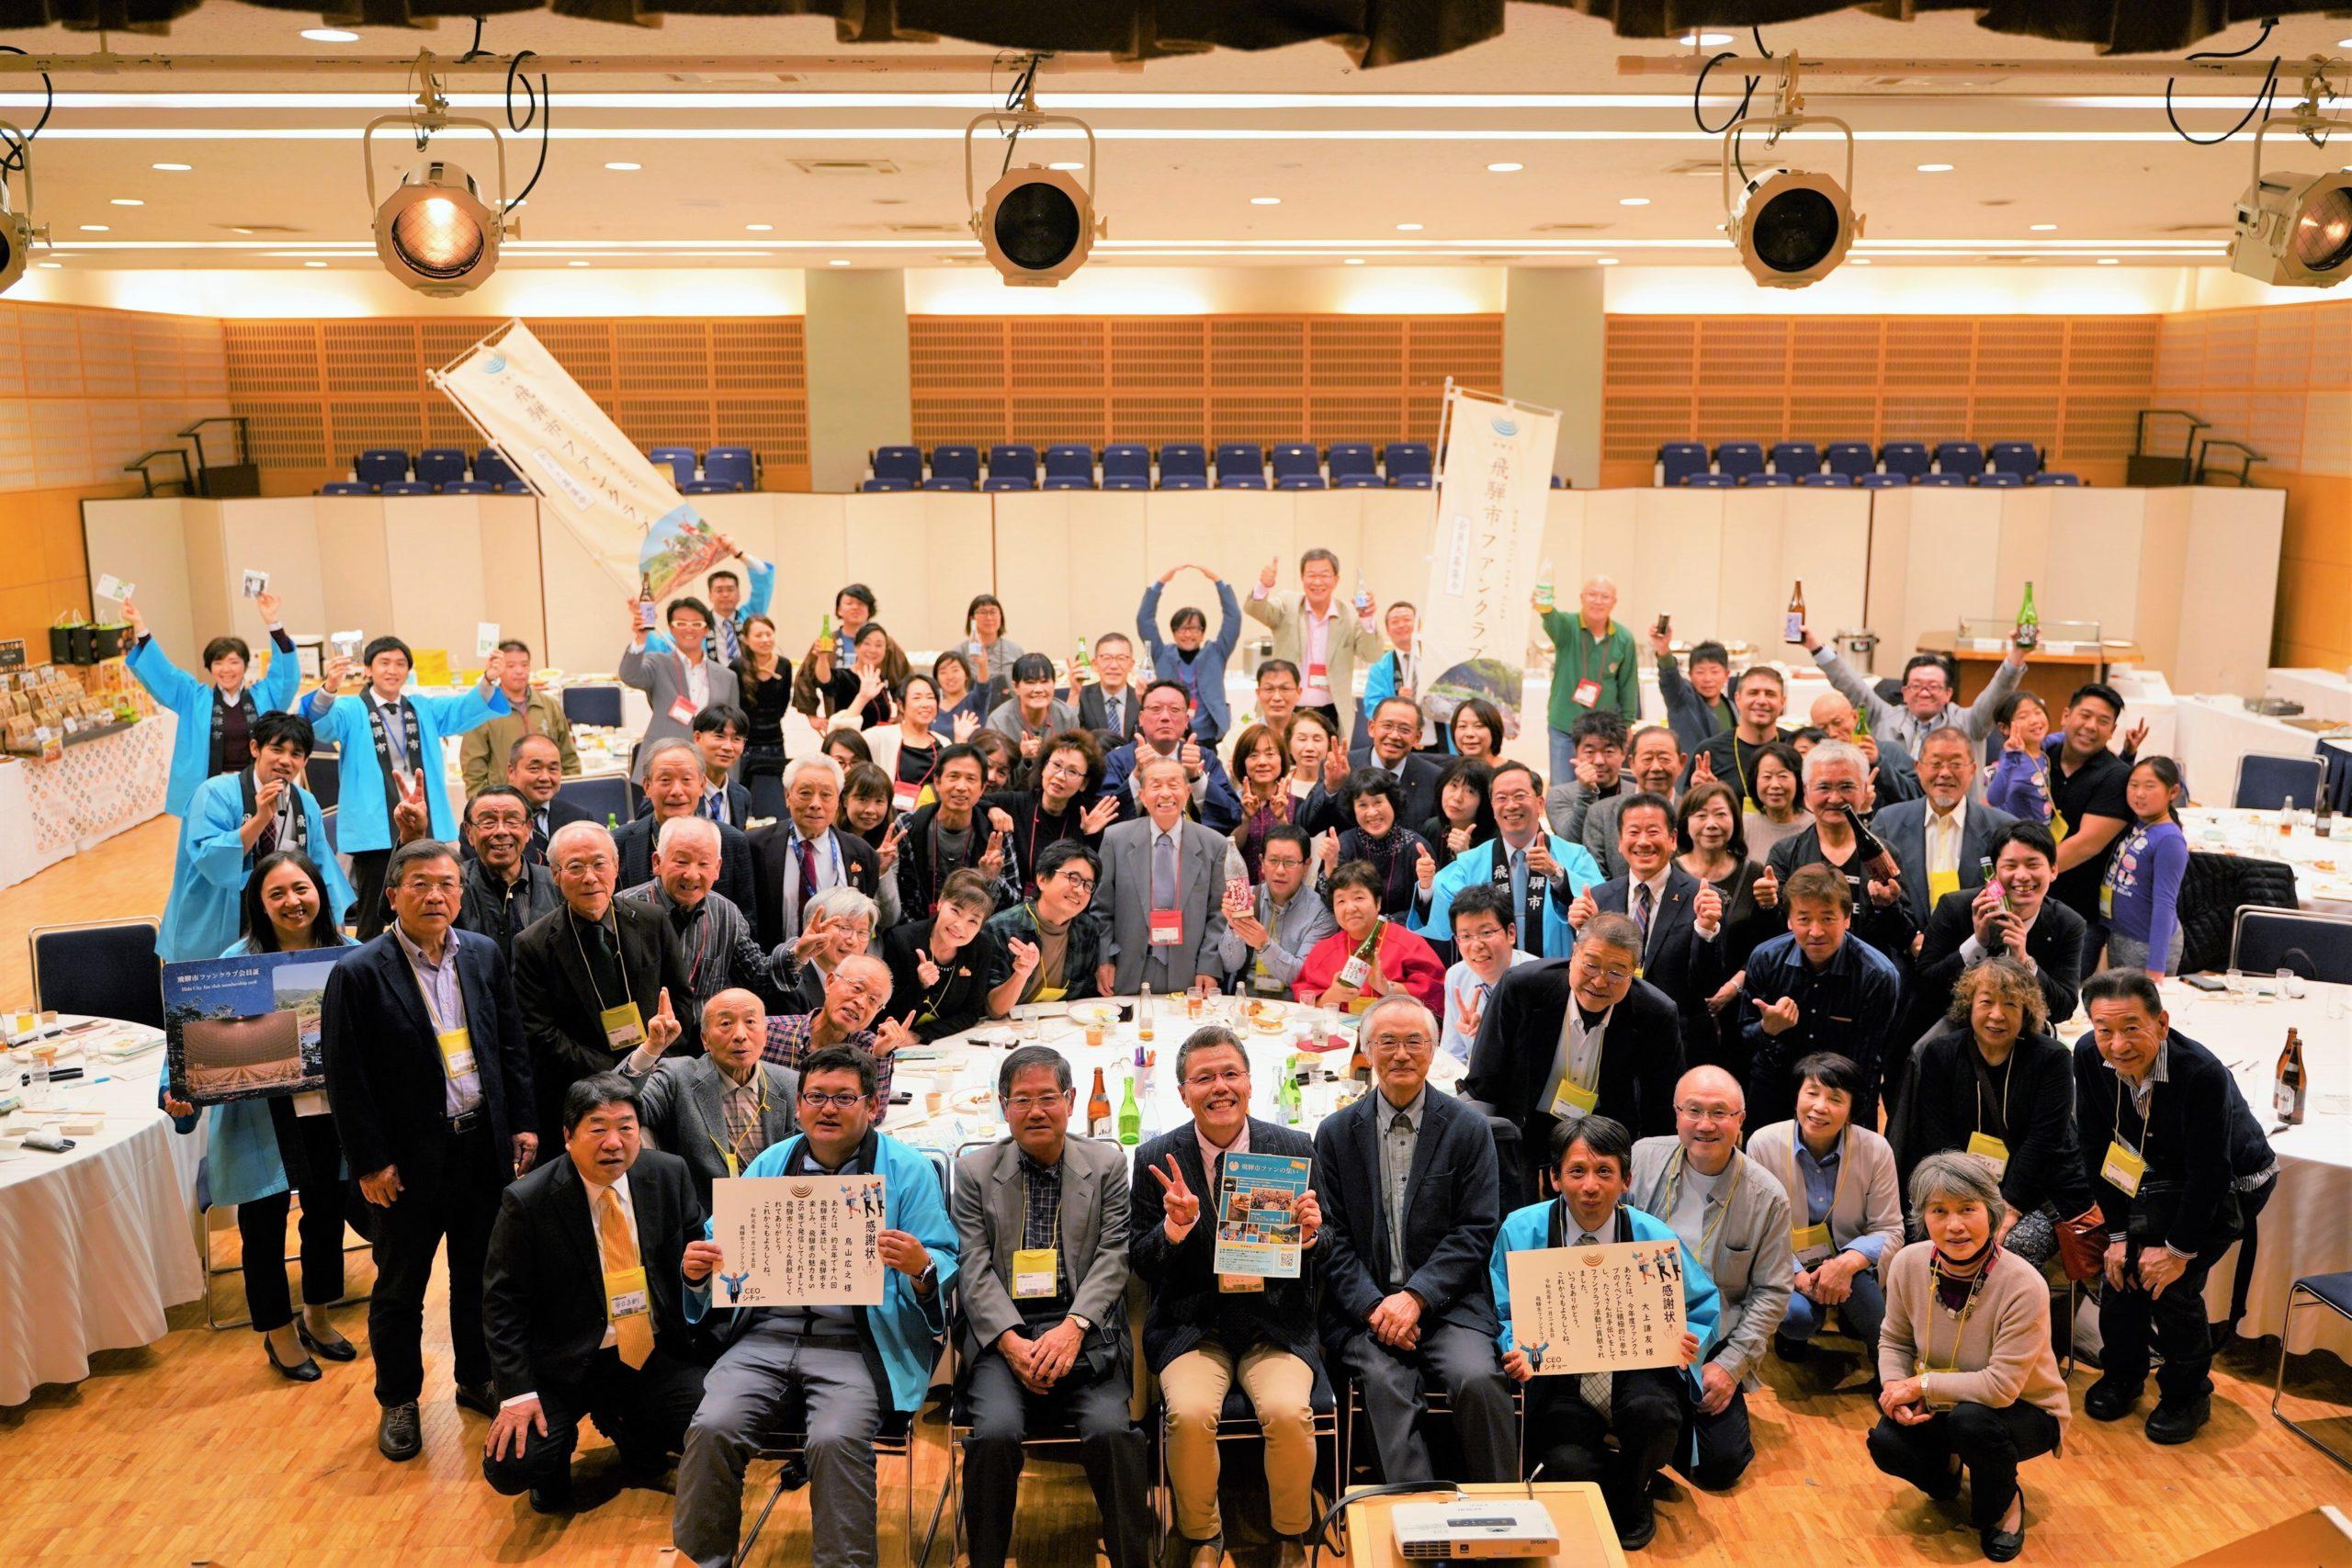 飛騨市ファンの集い in 岐阜 実施レポート 2019/11/25